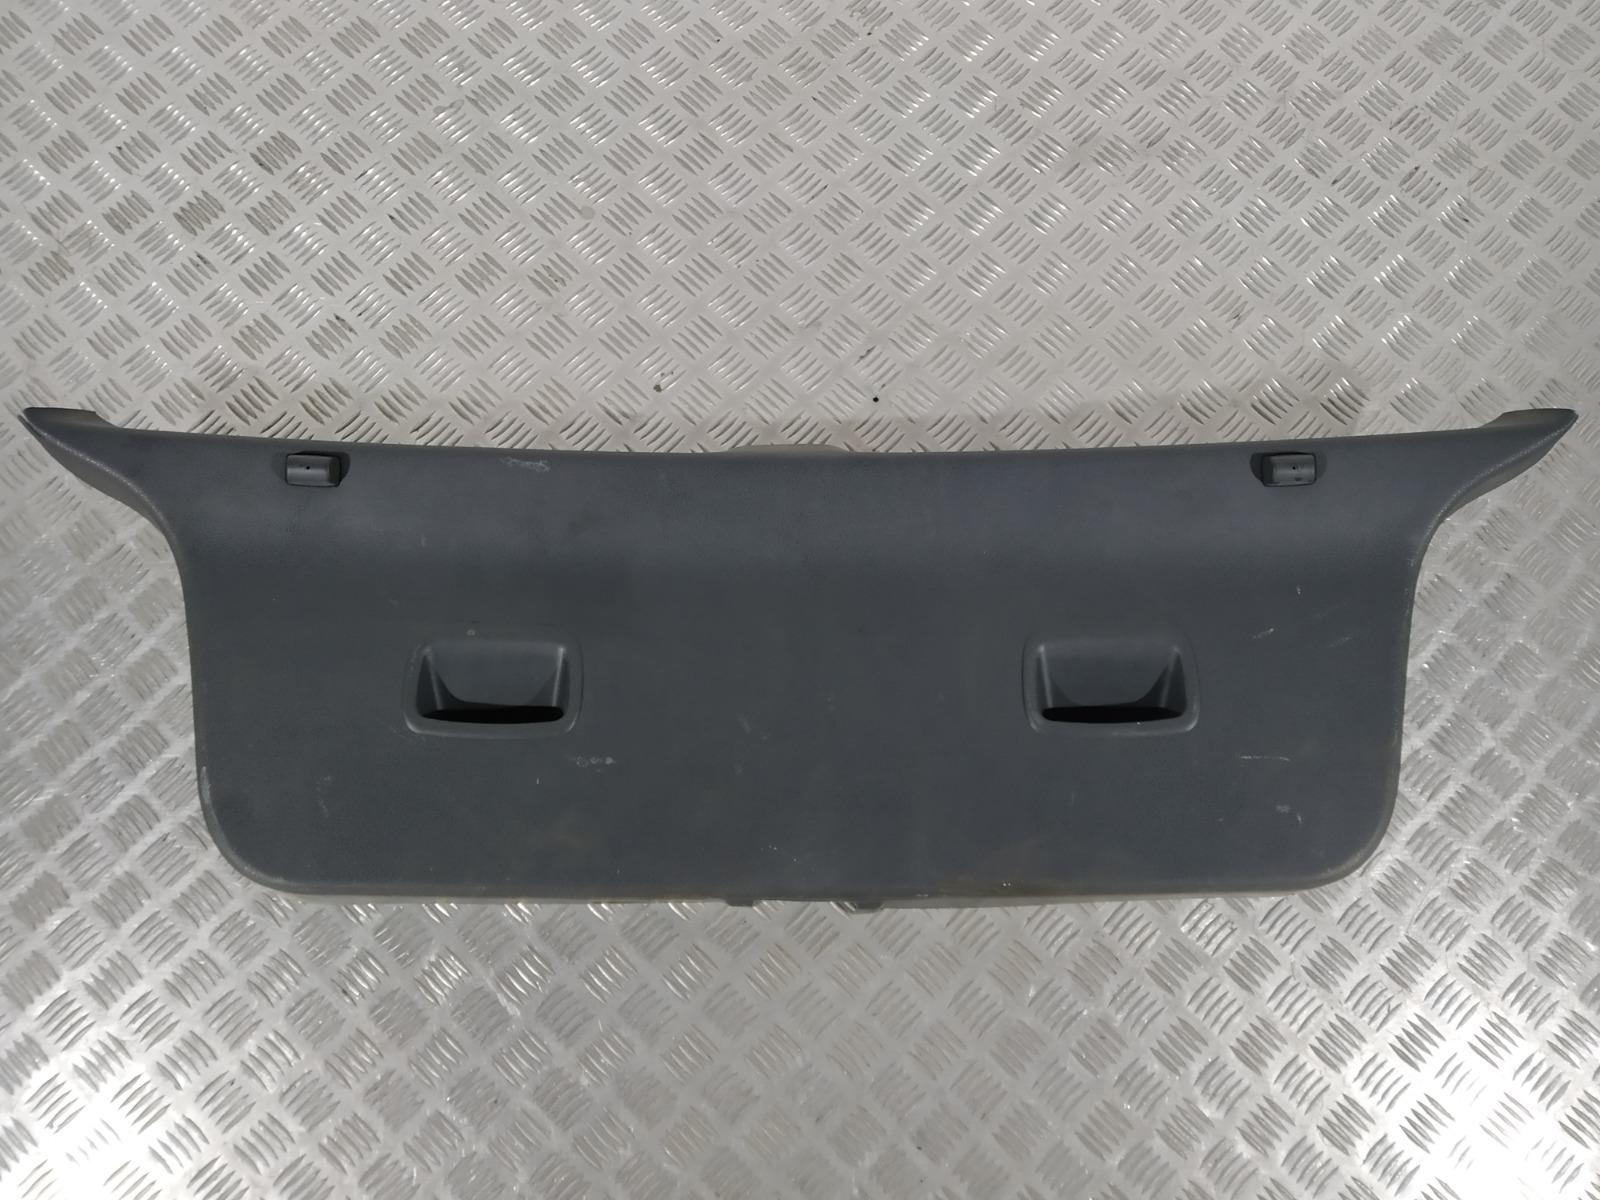 Обшивка крышки багажника Volkswagen Polo 1.2 I 2003 (б/у)